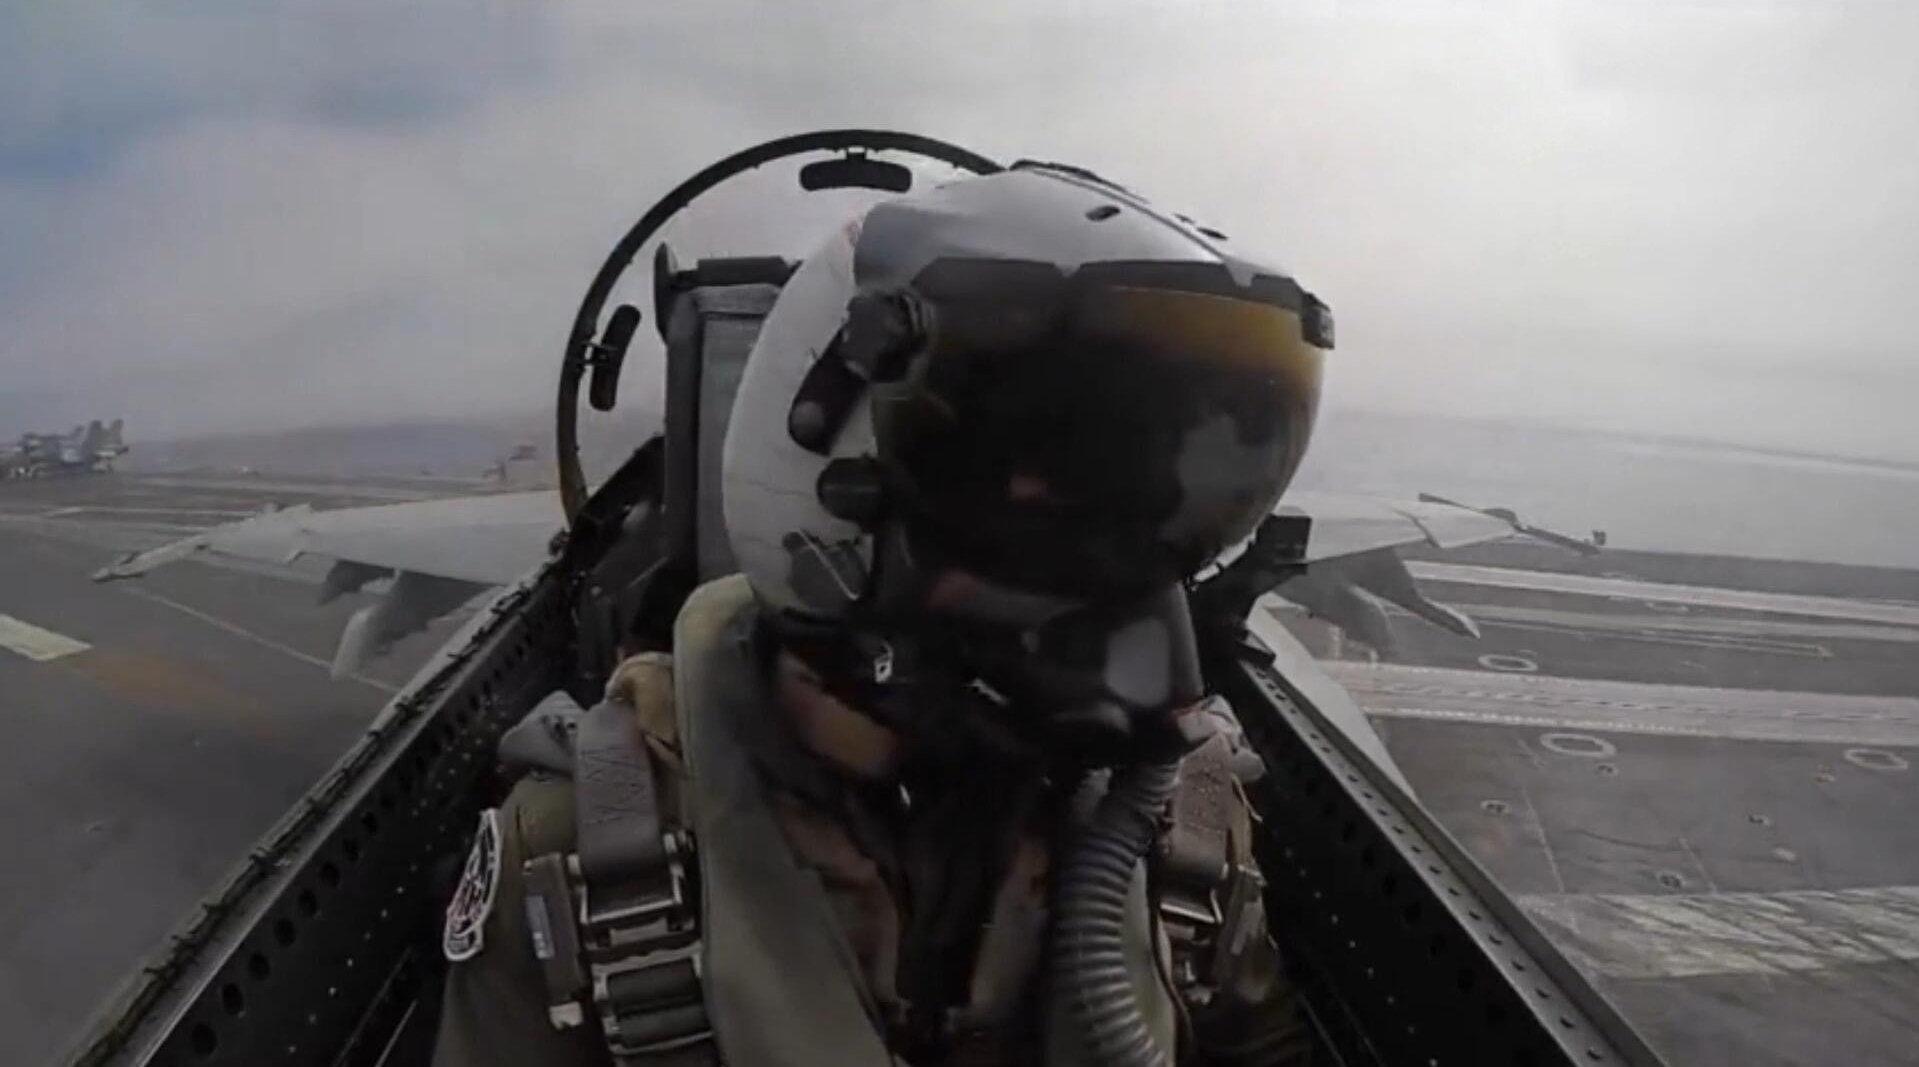 第一视角体验美军航母上的日常,舰载战斗机的驾驶舱视线超级好!